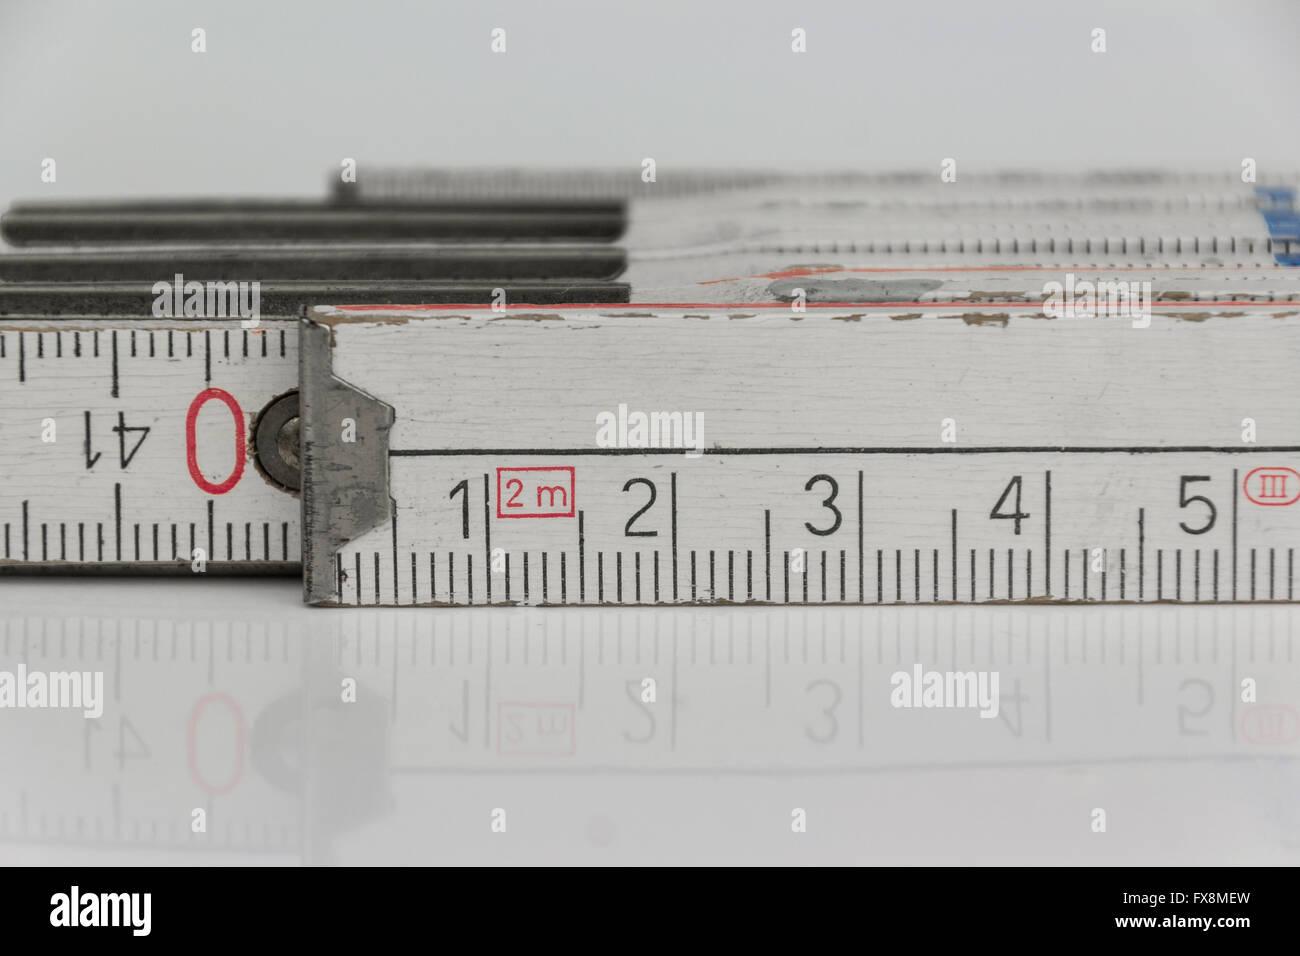 folding rule macro - closeup of metric folding ruler - Stock Image